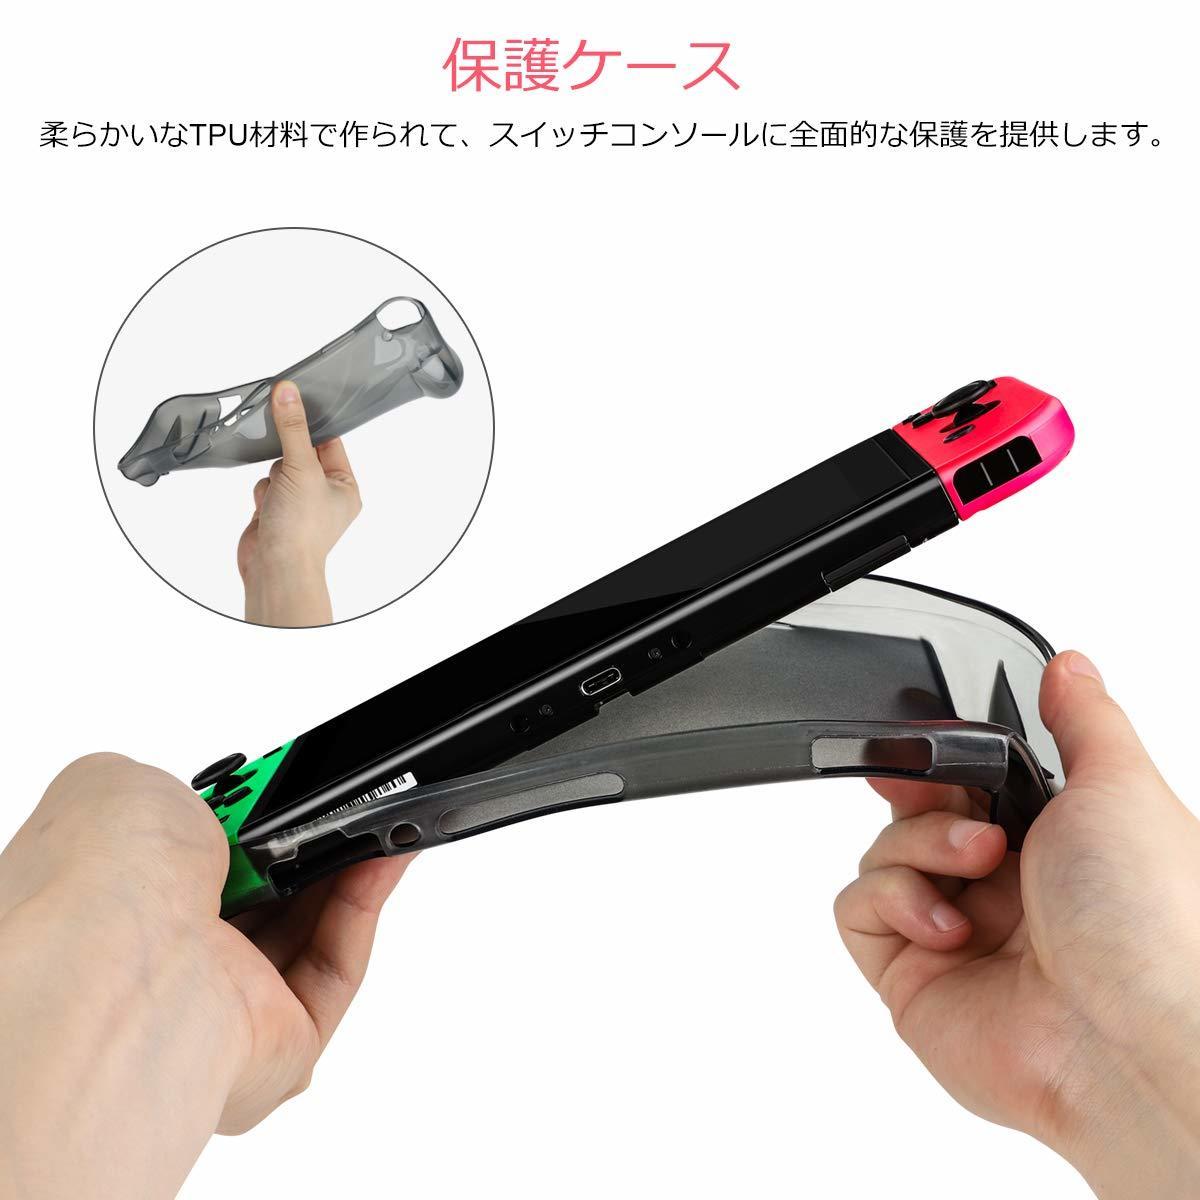 Nintendo Switch ケース 任天堂スイッチケース 保護カバー グリップ スタンド機能付き スイッチケース キャリング 大容量 収納バッグ 防水_画像5